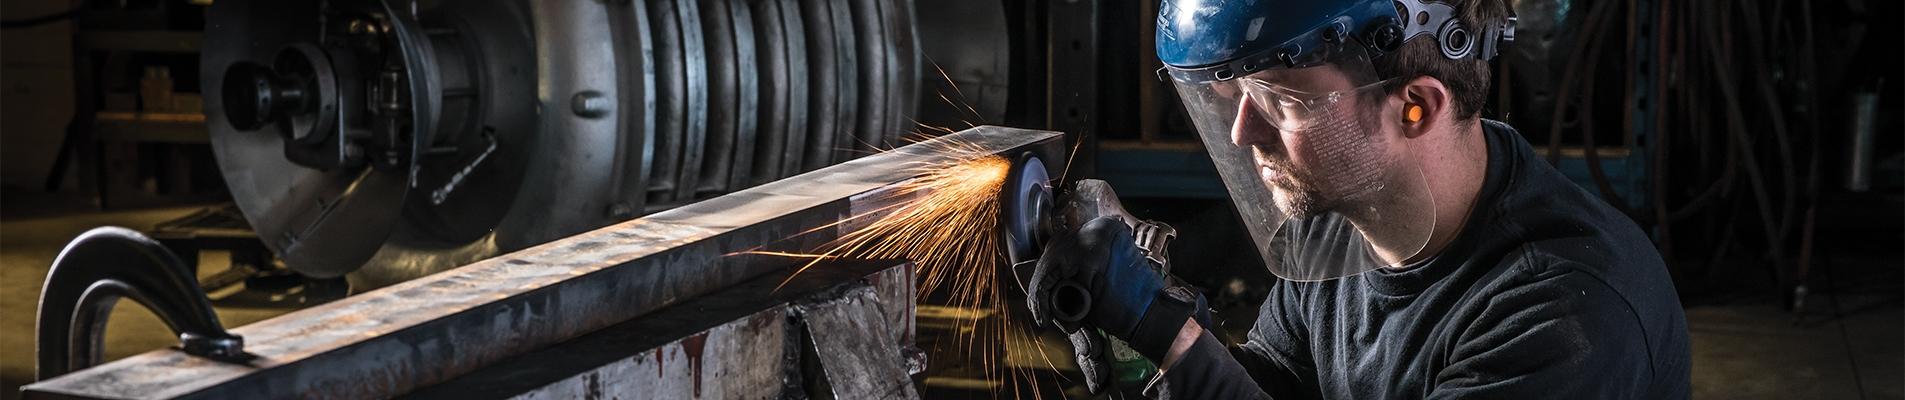 Nos solutions abrasives pour les transformateurs de métaux